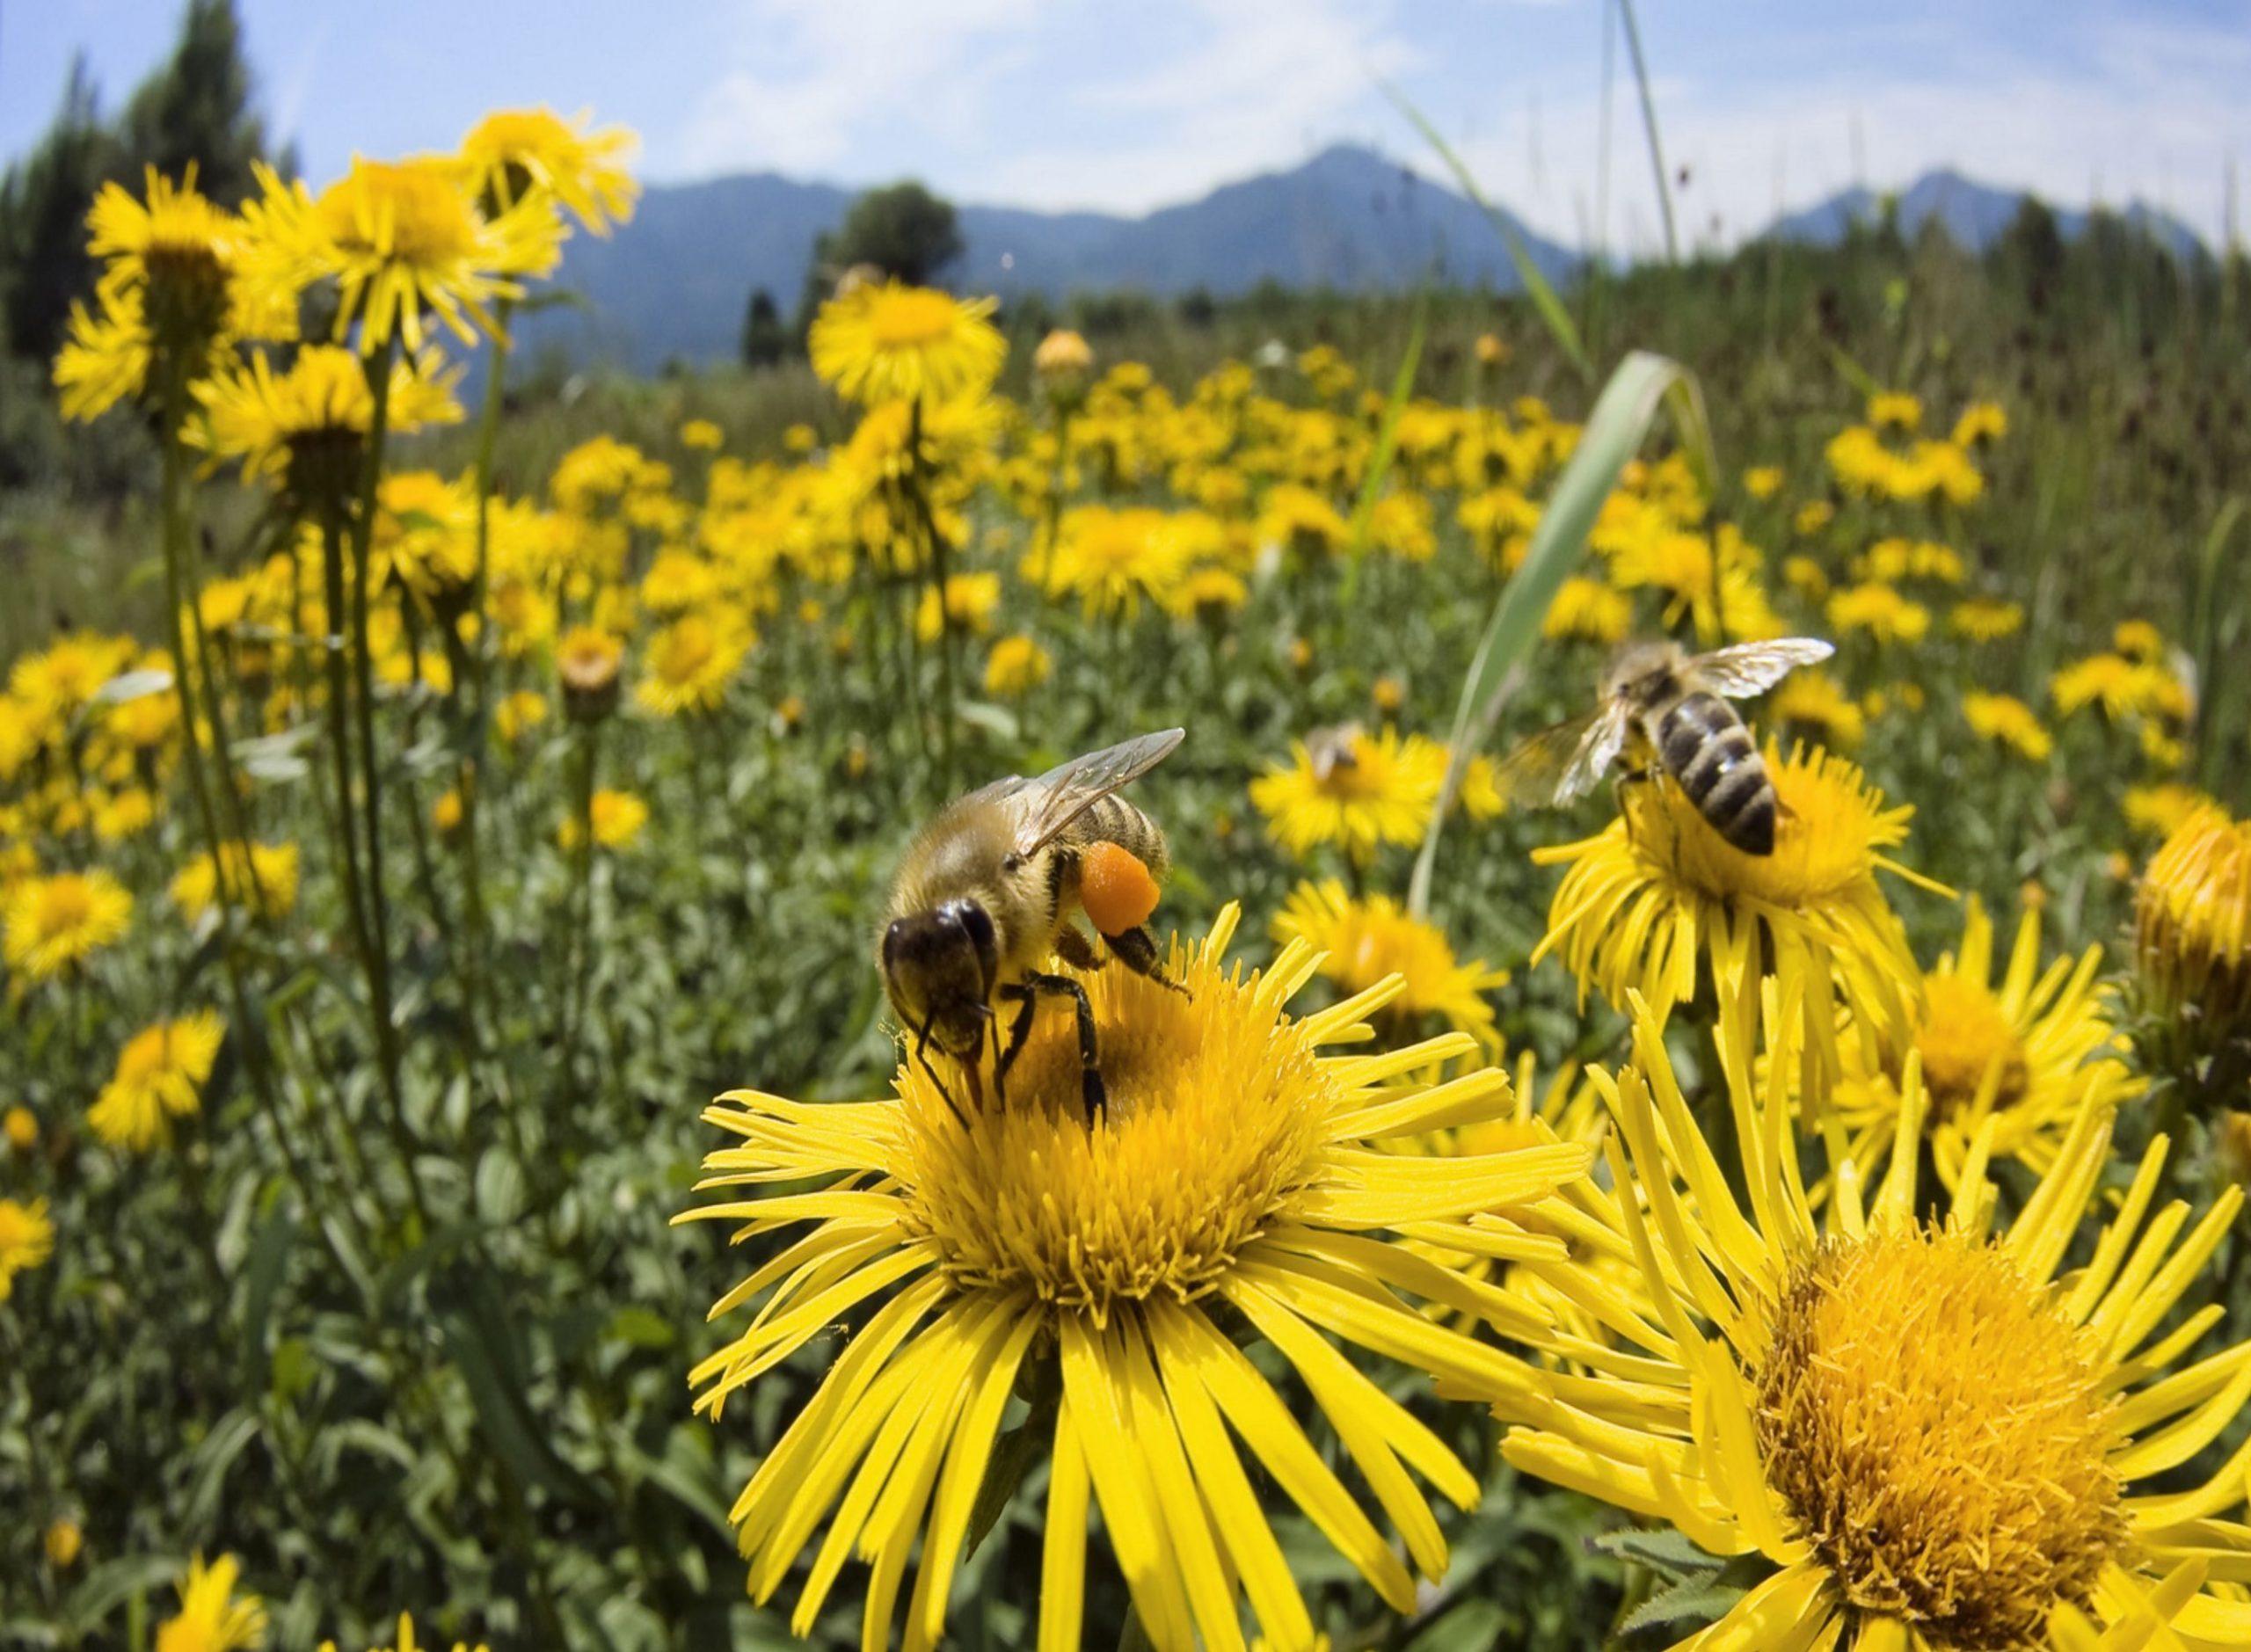 Desconexión – Especies clave, abejas – ¿Por qué las abejas están desapareciendo?